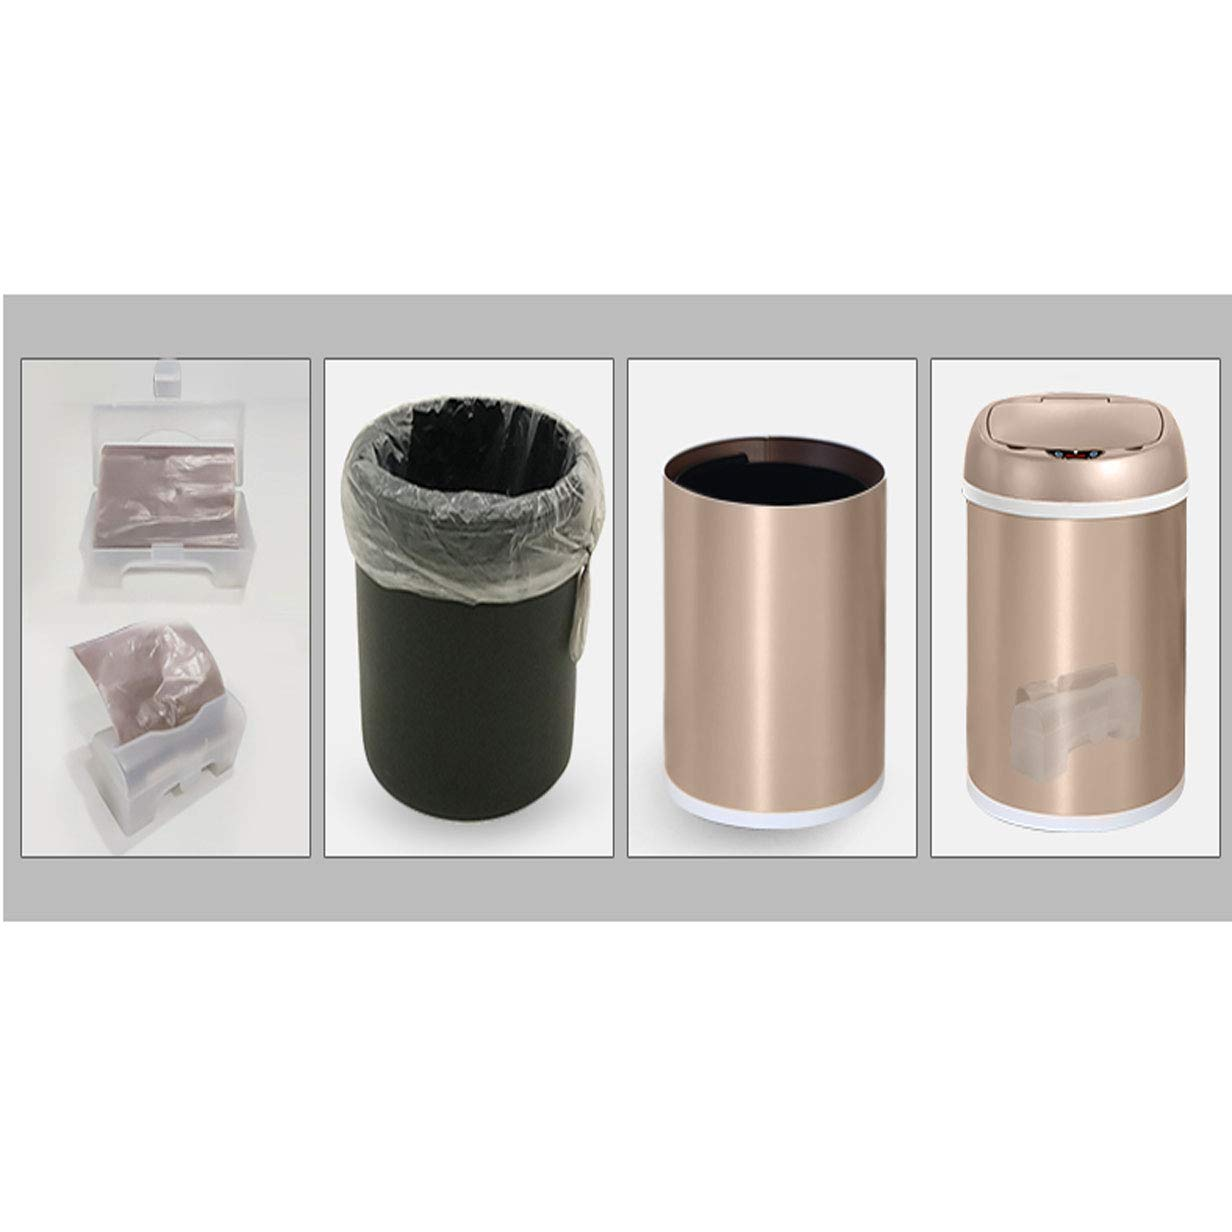 YN YN YN Papelera Inducción automática Smart Trash Home Bathroom Waste Container Toilet Waste Basket Living Room Basura Basurero con Tapa Dormitorio Waste Container Blanco (Color : Blanco, tamaño : 13L) 2d431e